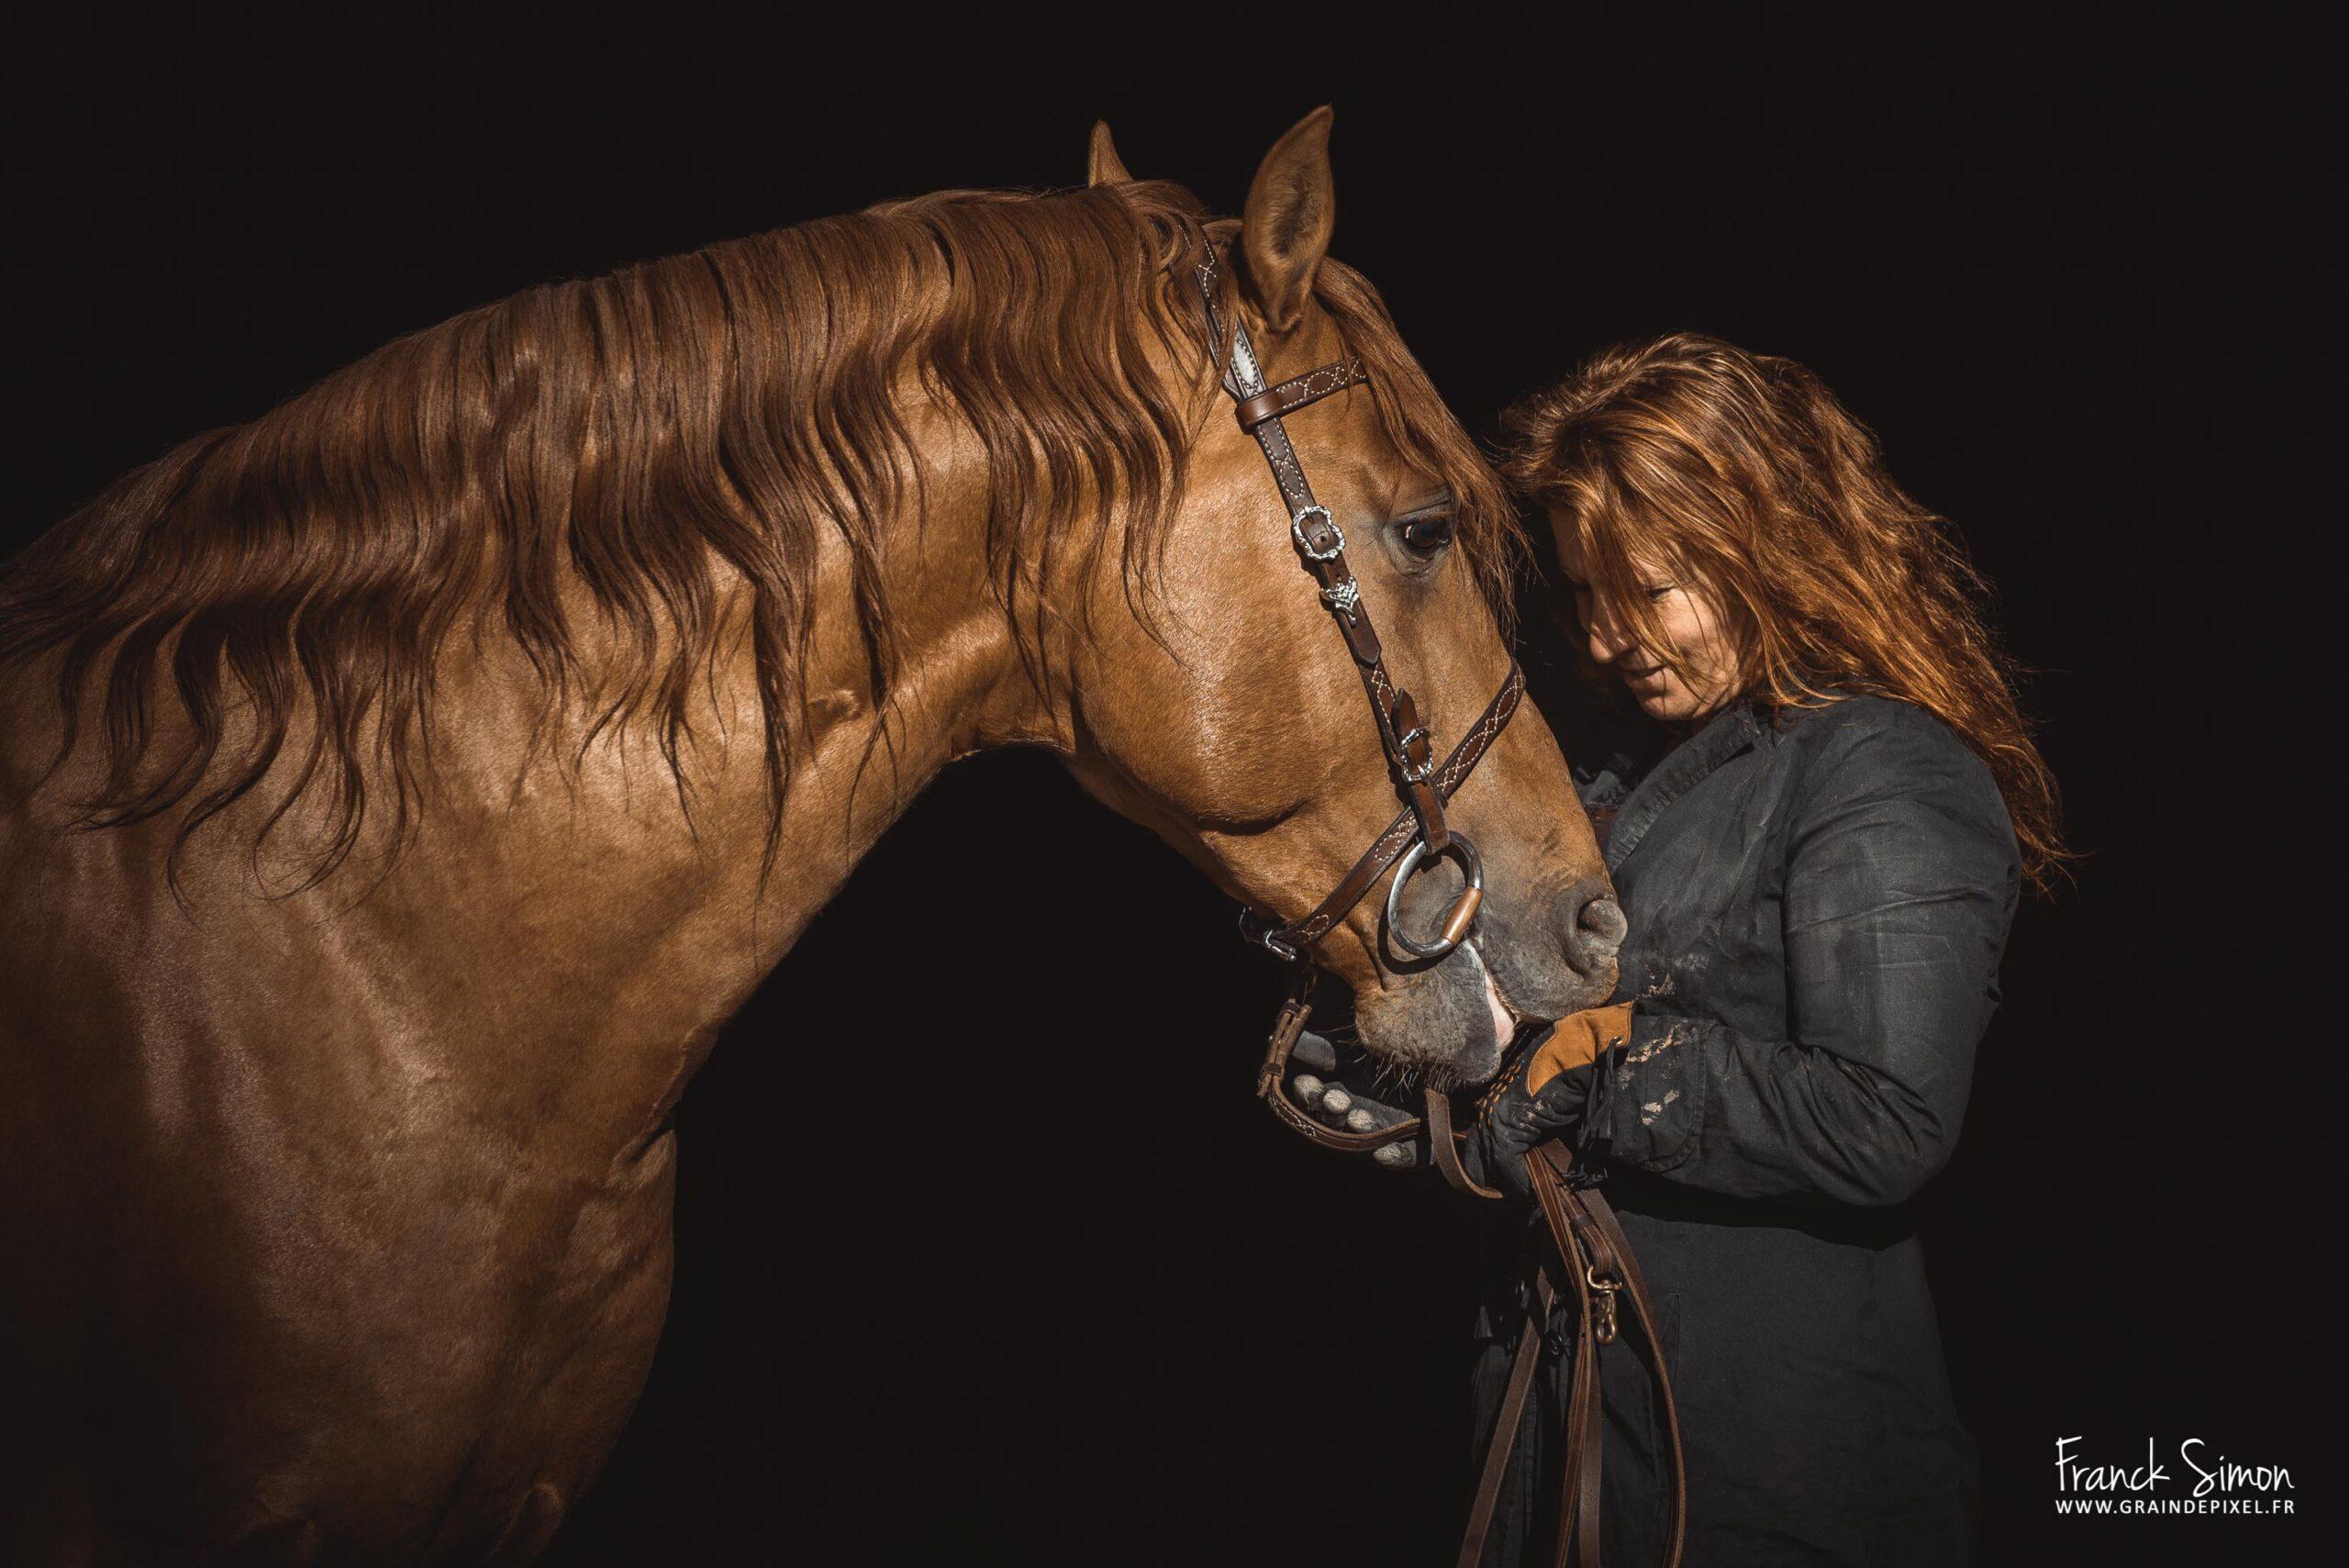 fond-noir-photo-finale - grain de pixel- photographe équestre et animalier - charente - nouvelle aquitaine